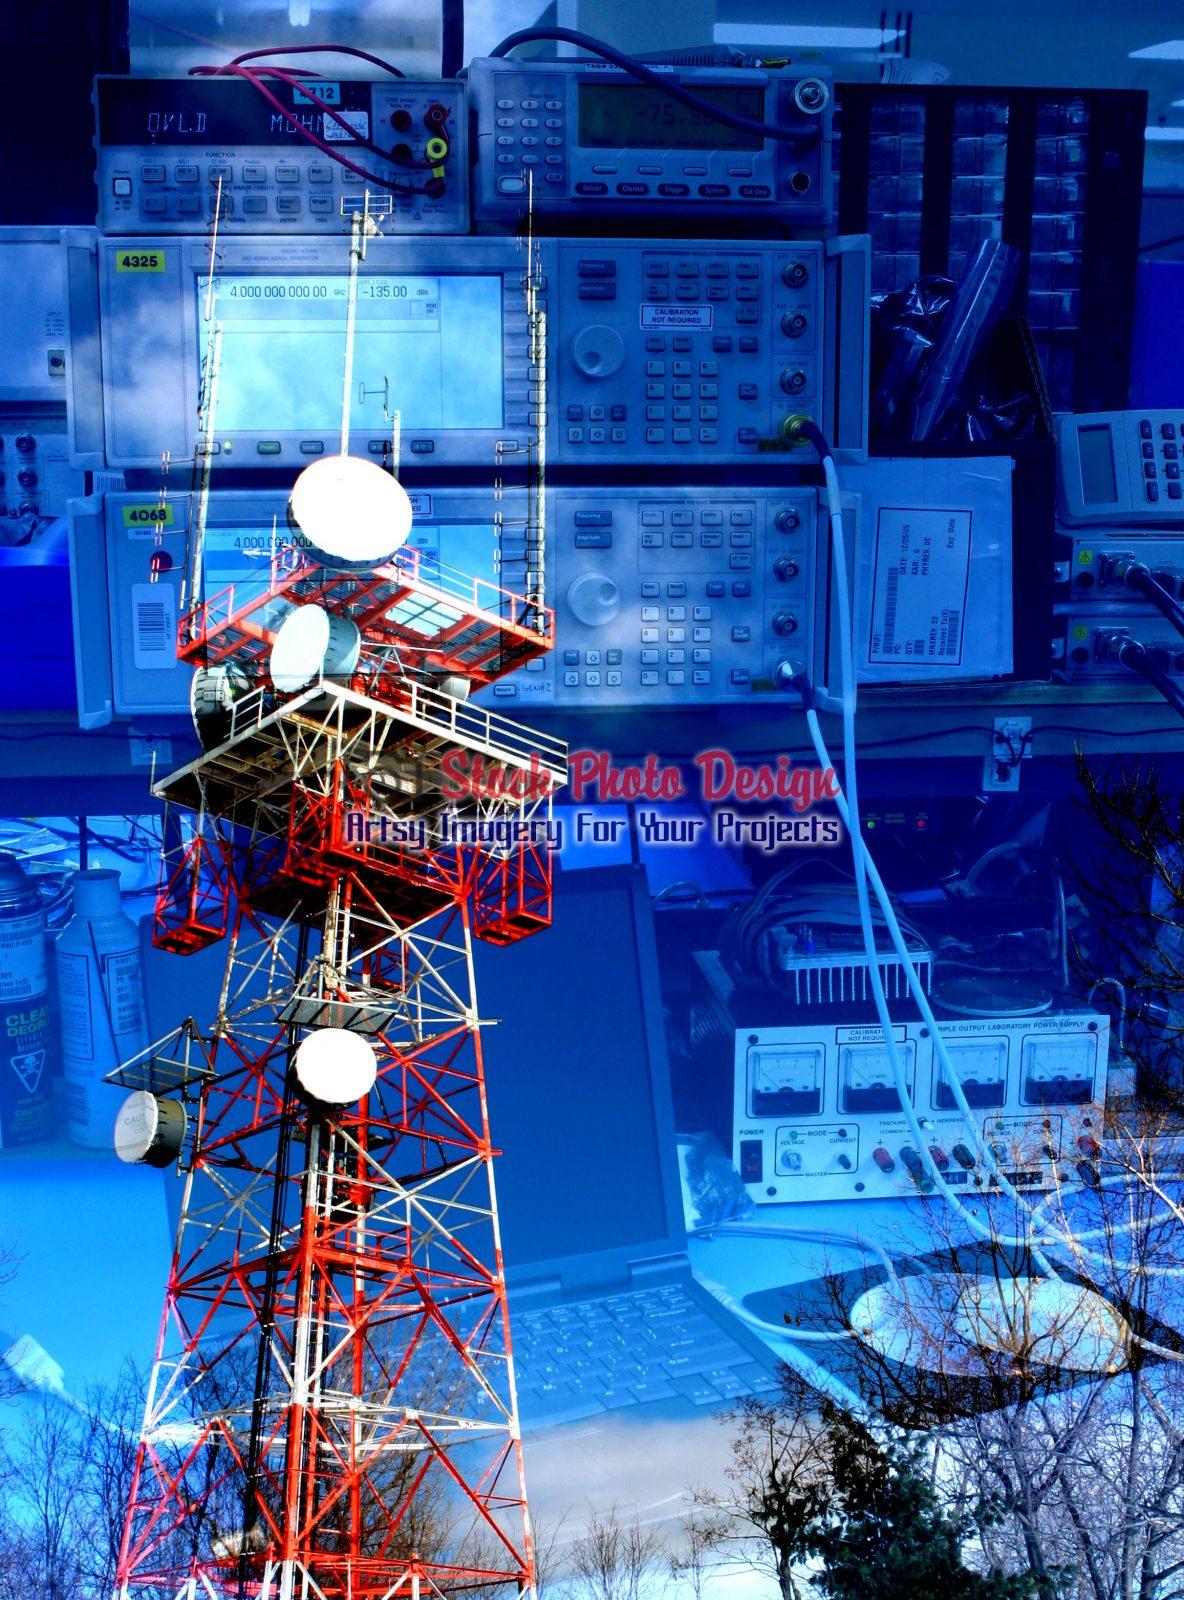 Communication-Equipments-Photo-Montage-Image